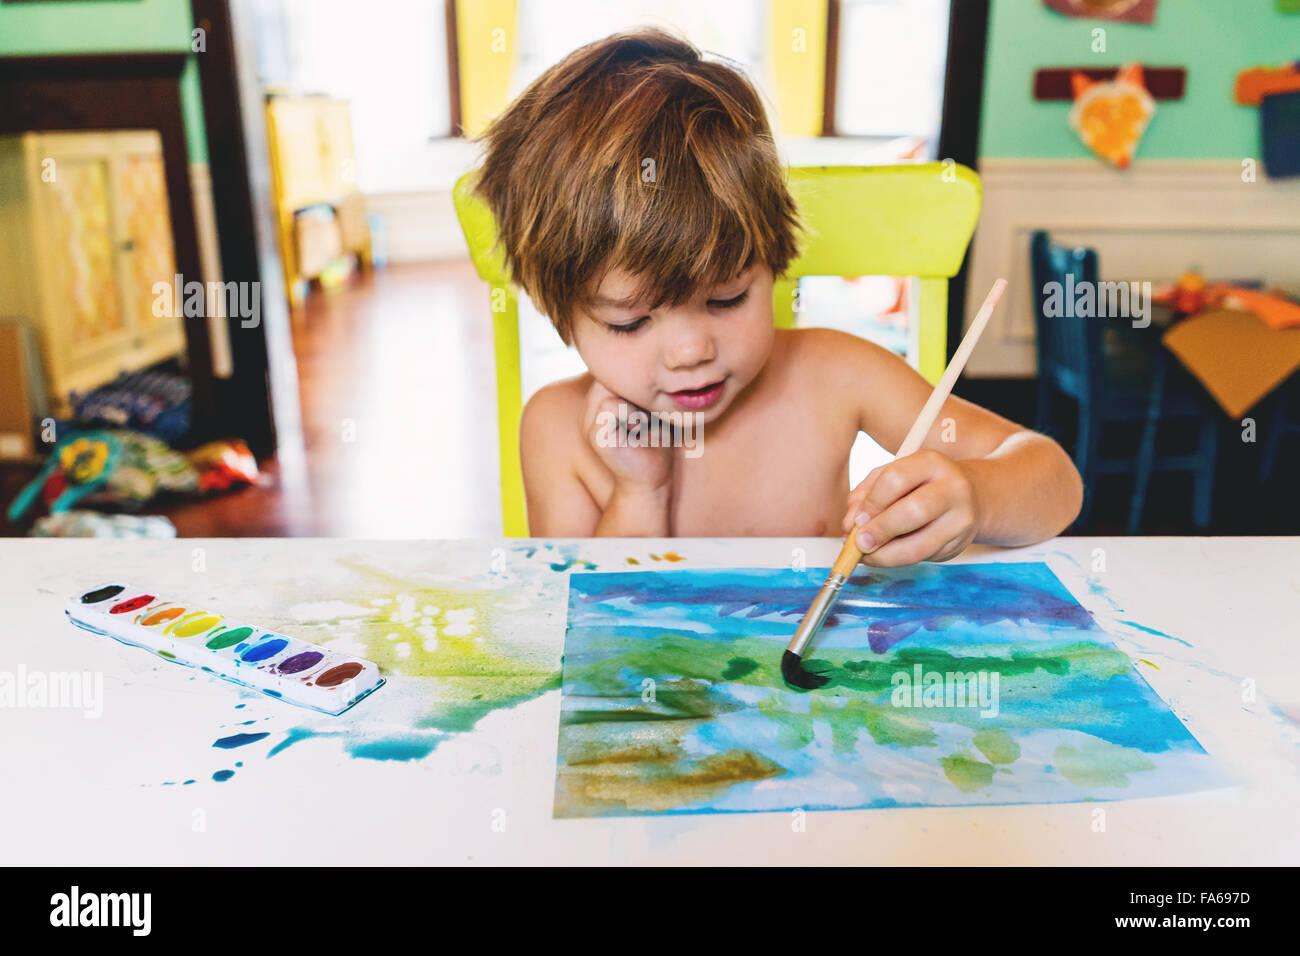 Junge, Malen mit Wasserfarben Stockbild